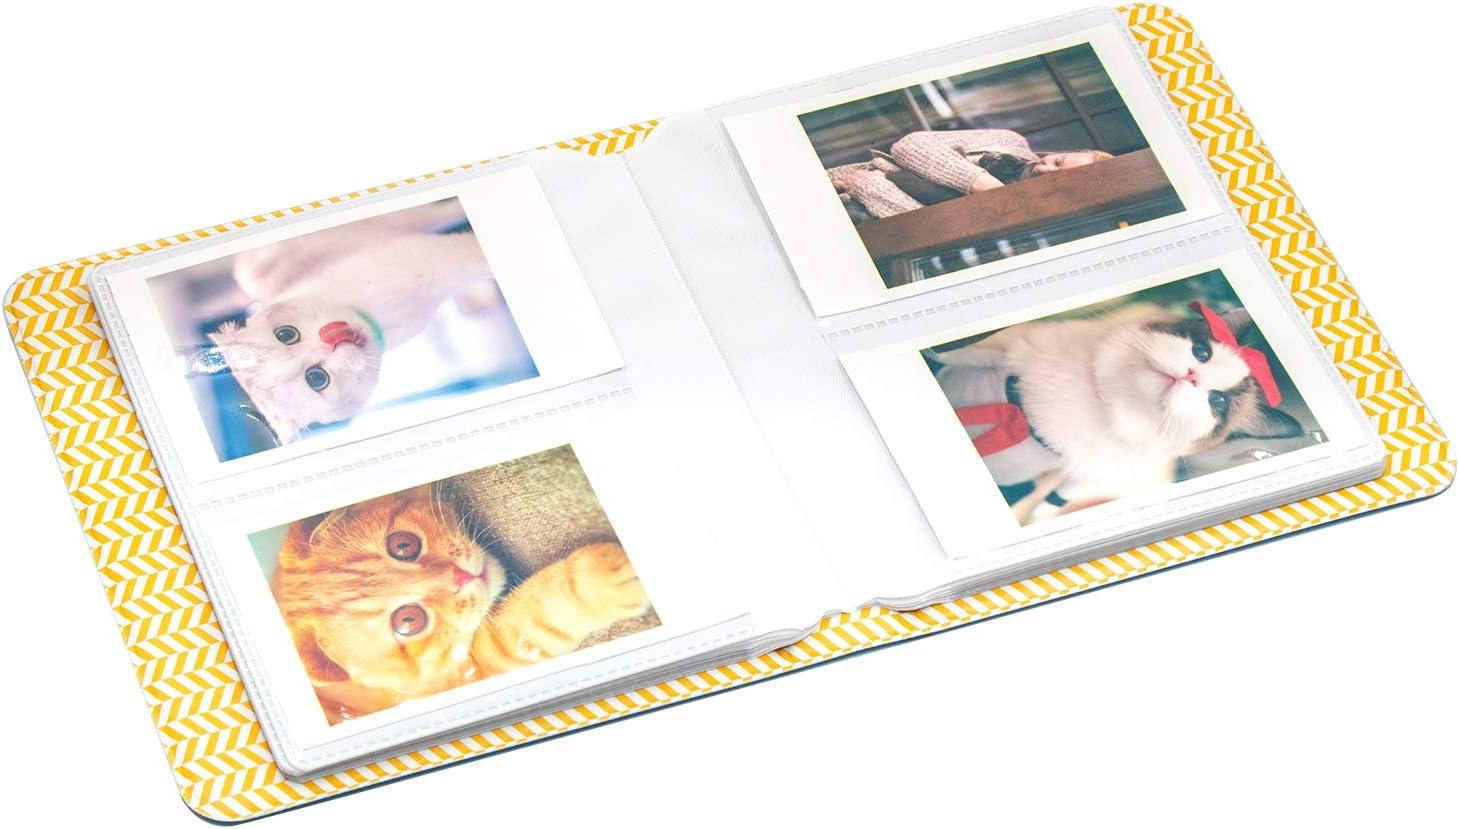 Amimy 64 Poches Album Photos pour Fujifilm Instax Mini 7s 8 8+ 9 25 50 70 90 Sprocket HP Polaroid PIC-Snap 300 Kodak Mini 3 Pouces Film avec des Autocollants Color/és 64 Poches, Bleu